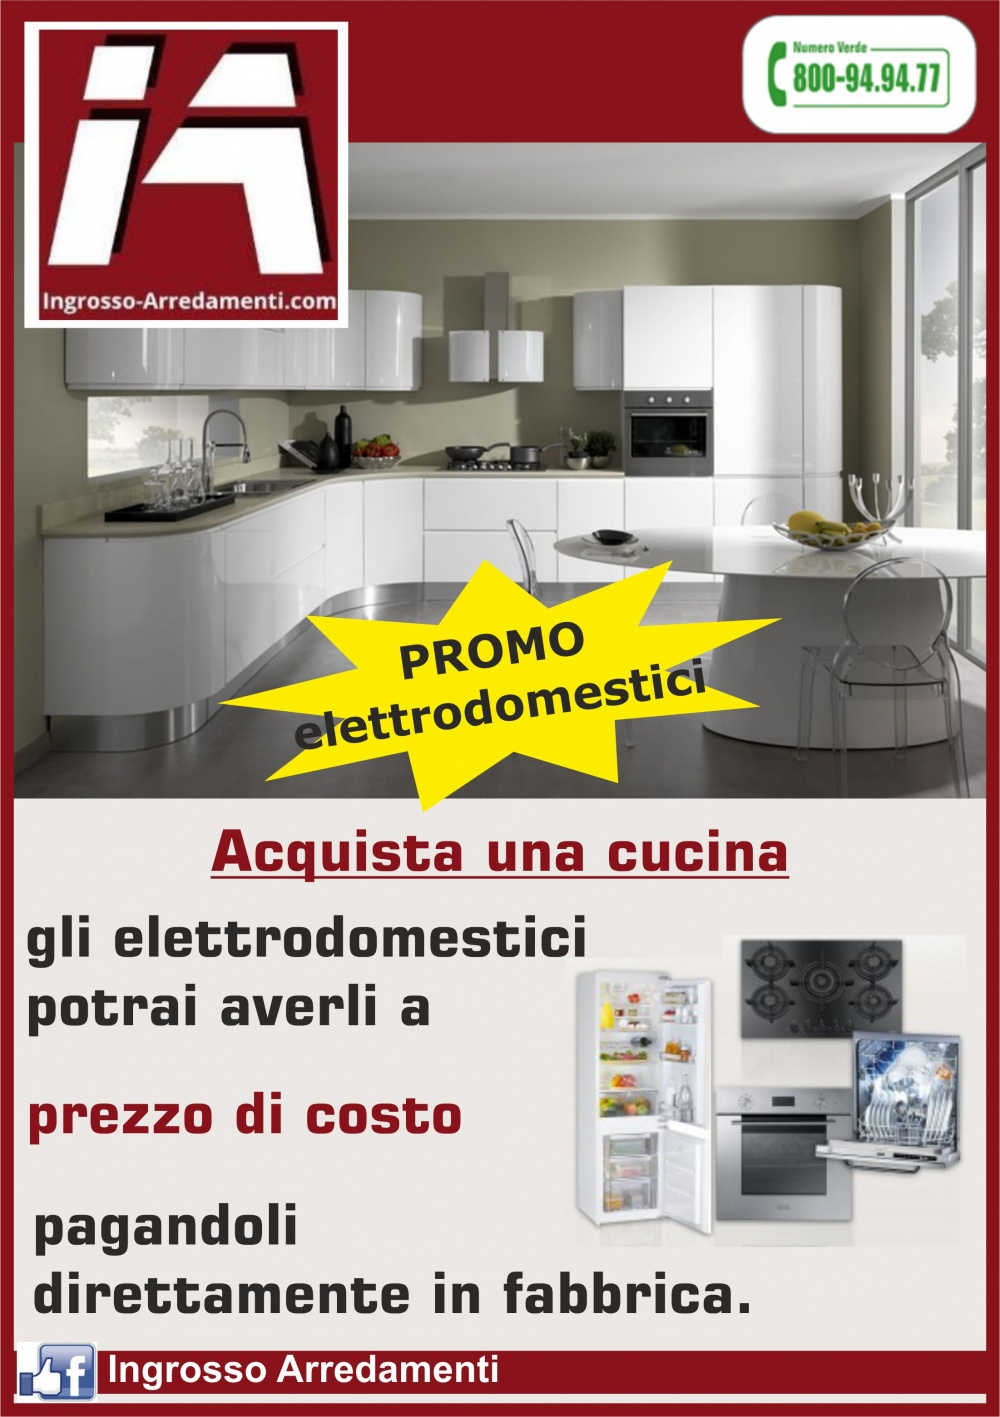 Cucine in offerta Roma - elettrodomestici a prezzo di costo